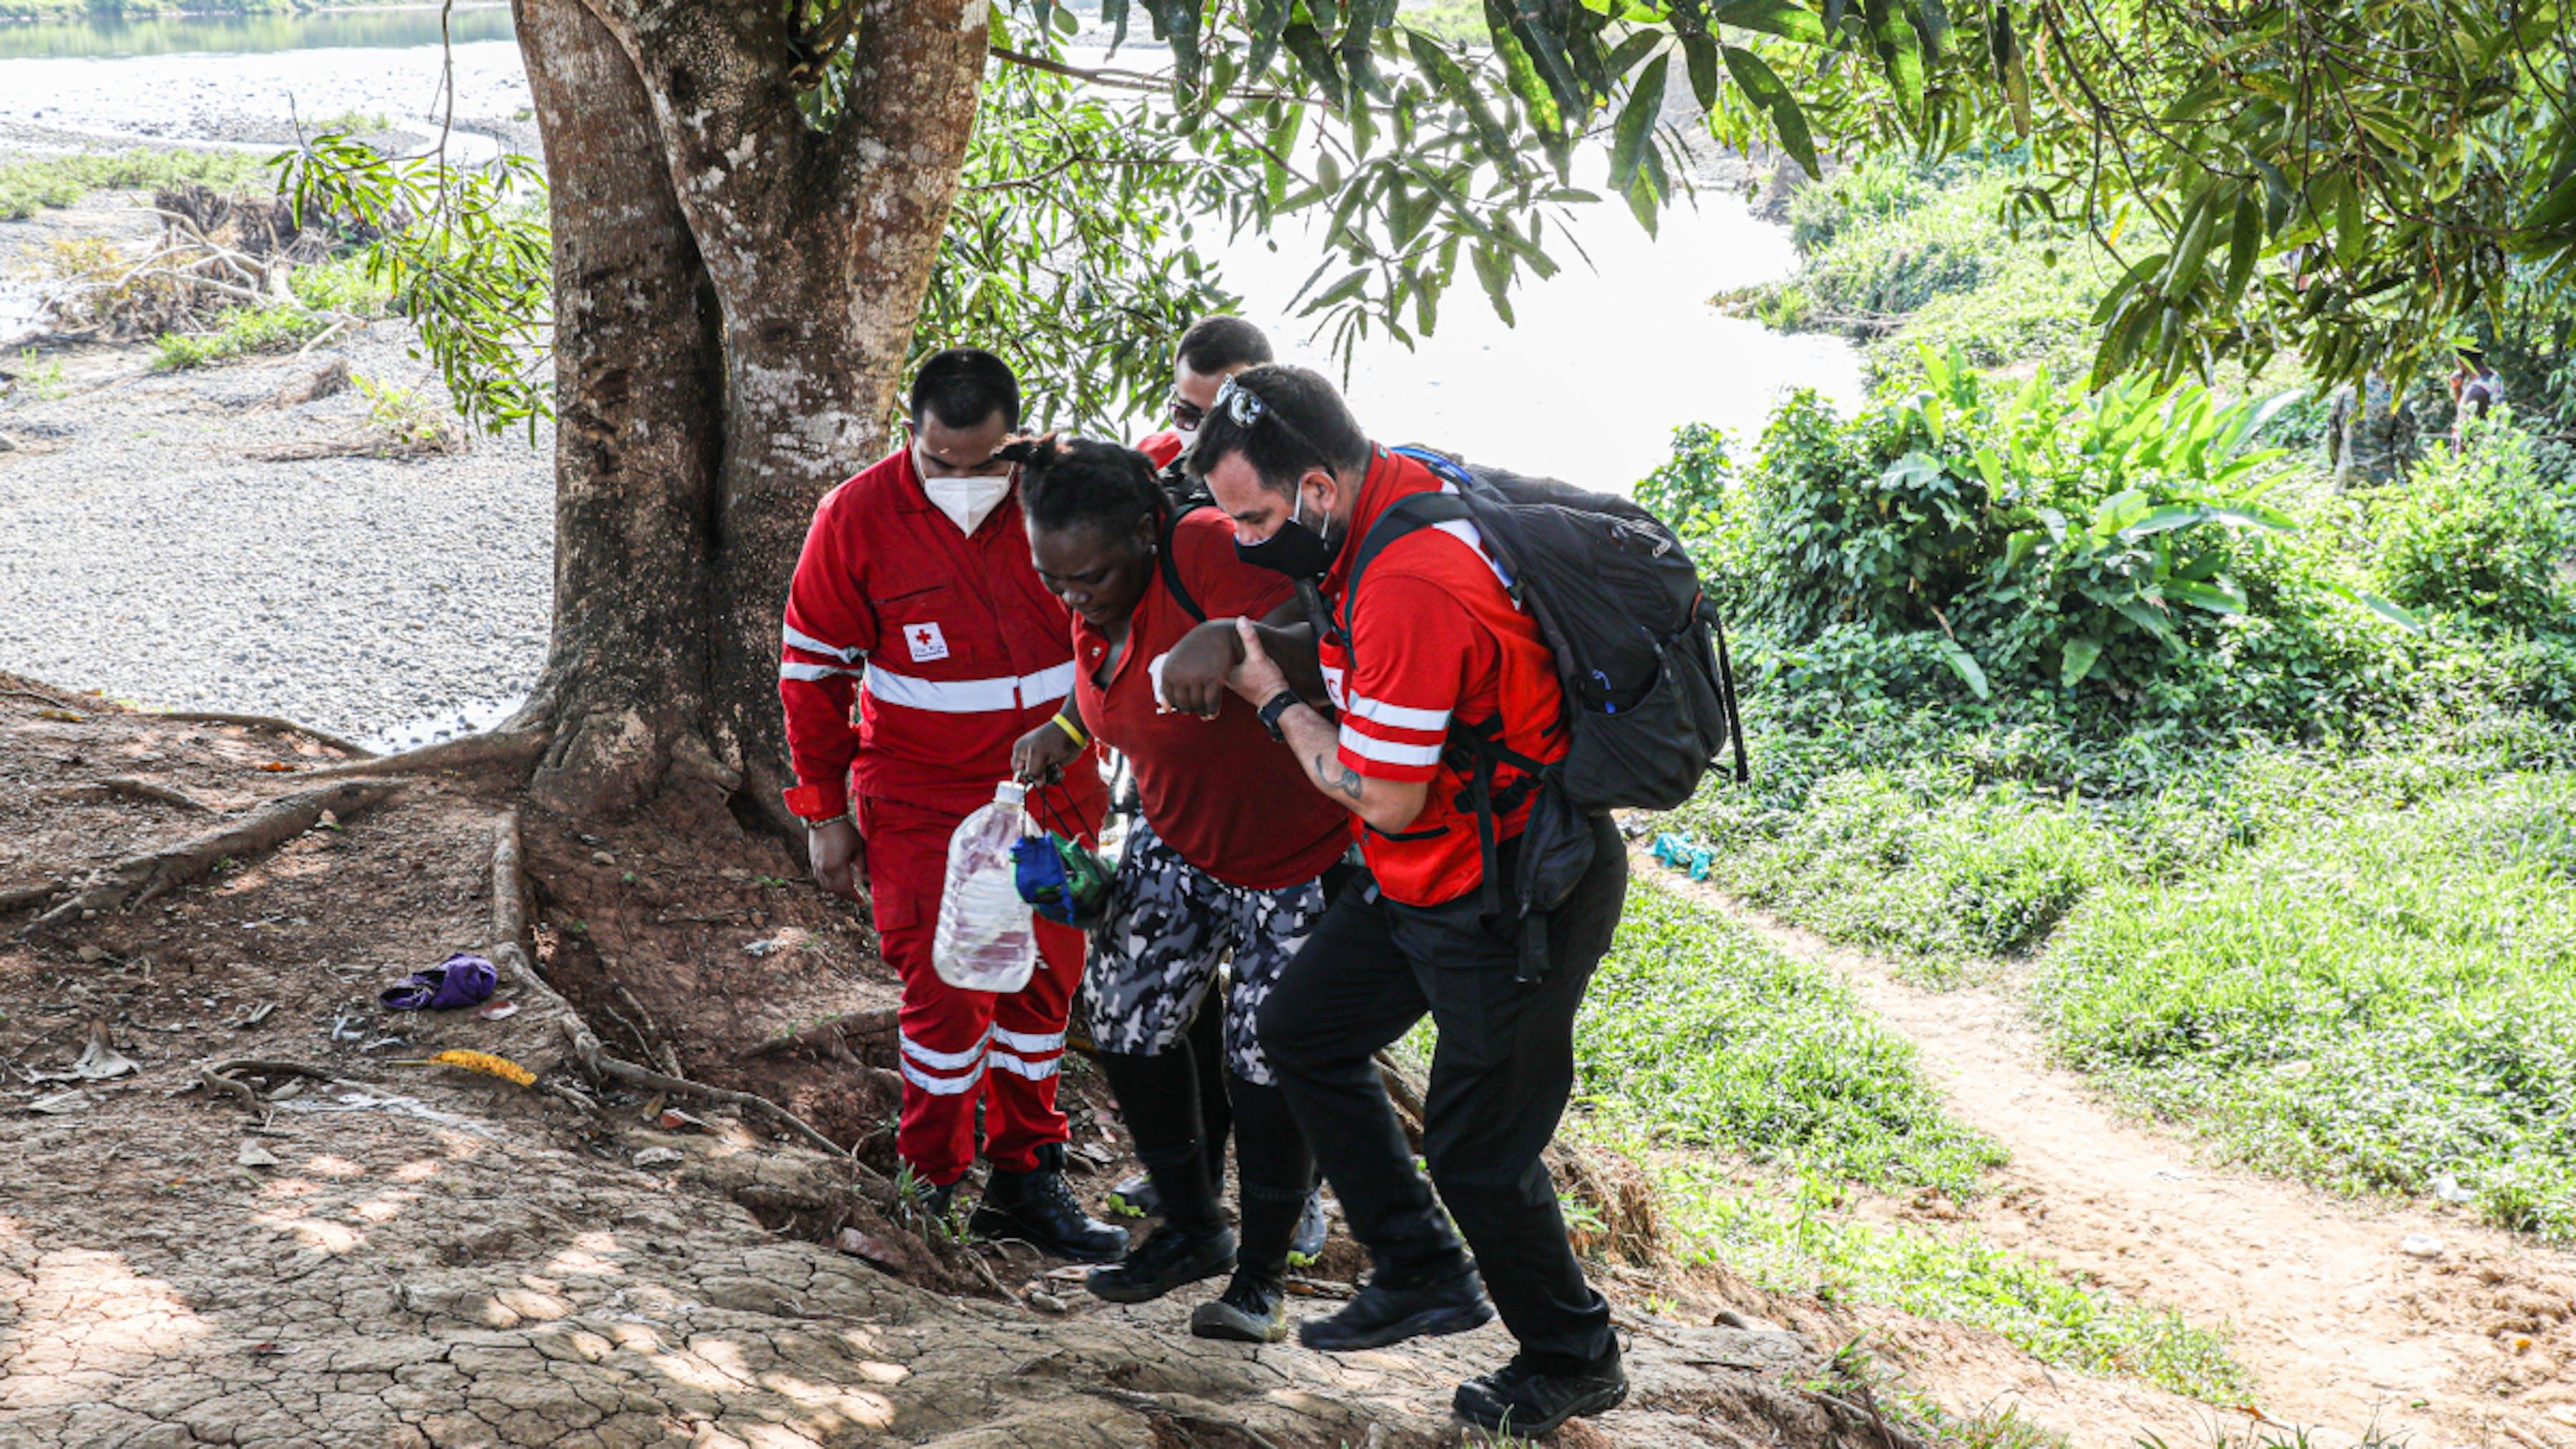 Panama, operatori della croce rossa panamense aiutano una migrante esausta al termine del lungo viaggio